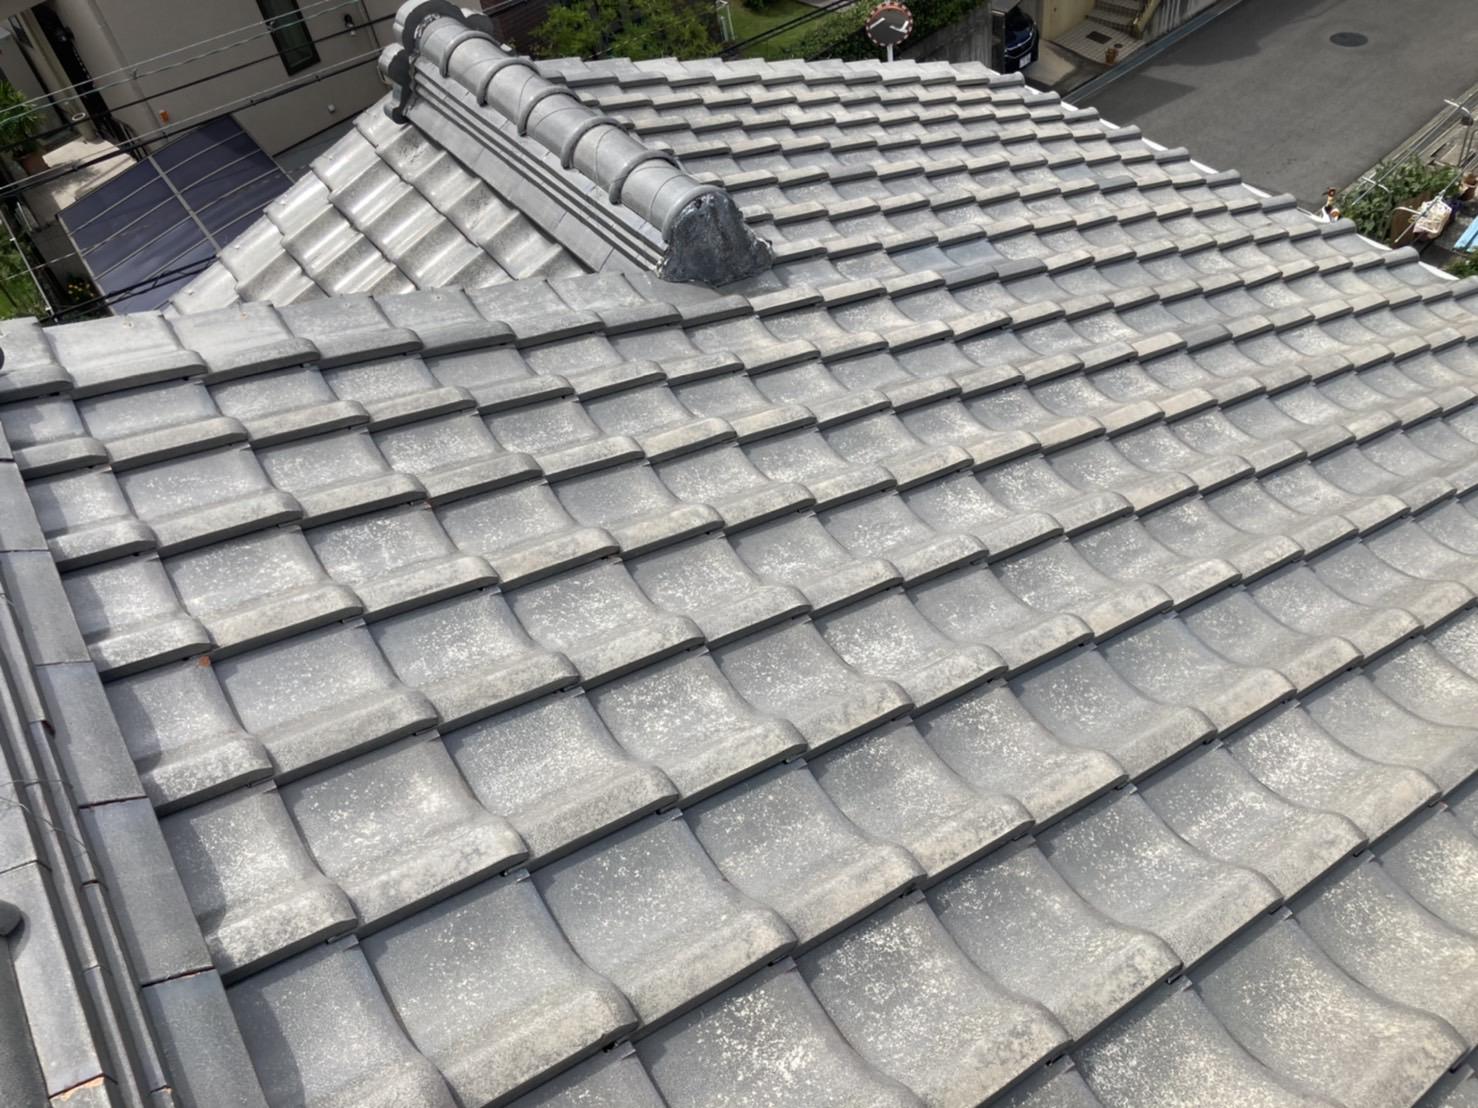 名古屋市名東区にて雨漏りが発生中の瓦屋根の無料点検を実施